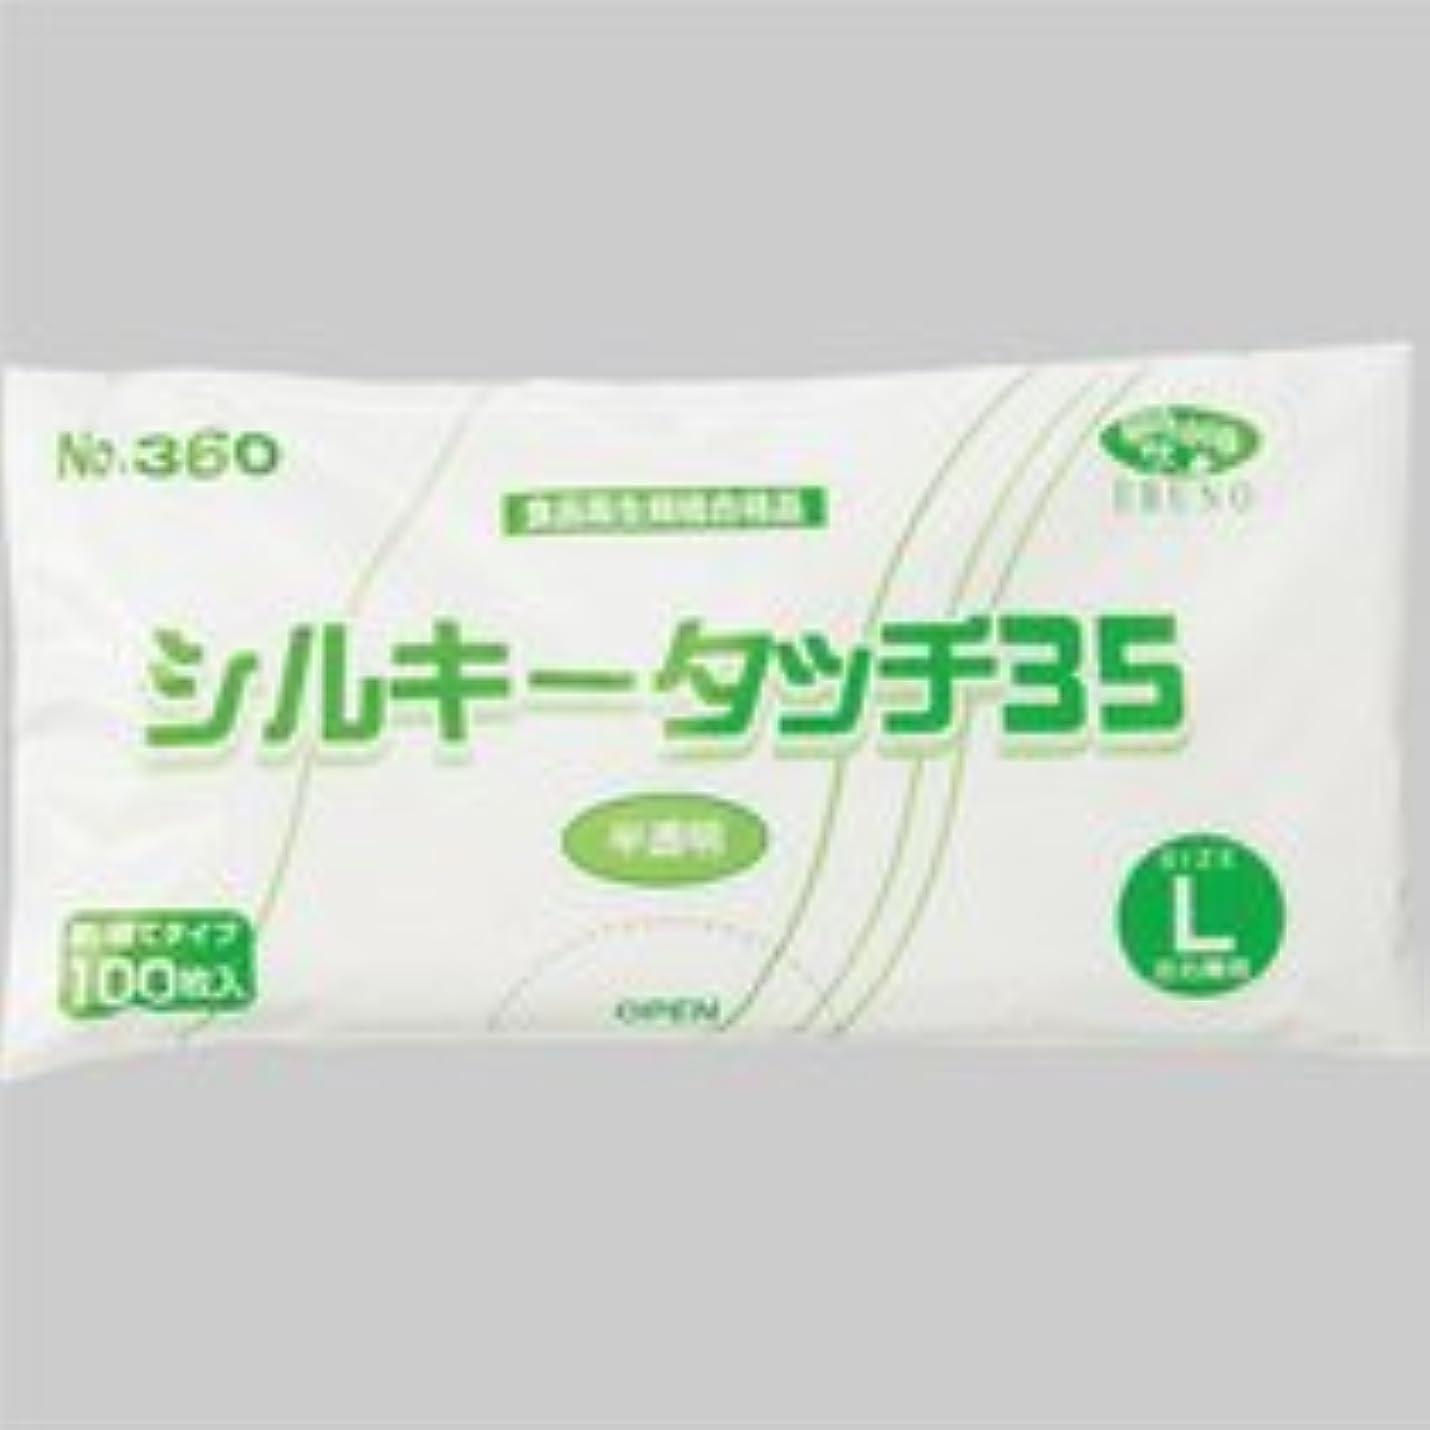 部屋を掃除する娯楽優れましたエブノ ポリエチレン手袋 シルキータッチ35 半透明 L NO-360 1セット(1000枚:100枚×10パック)